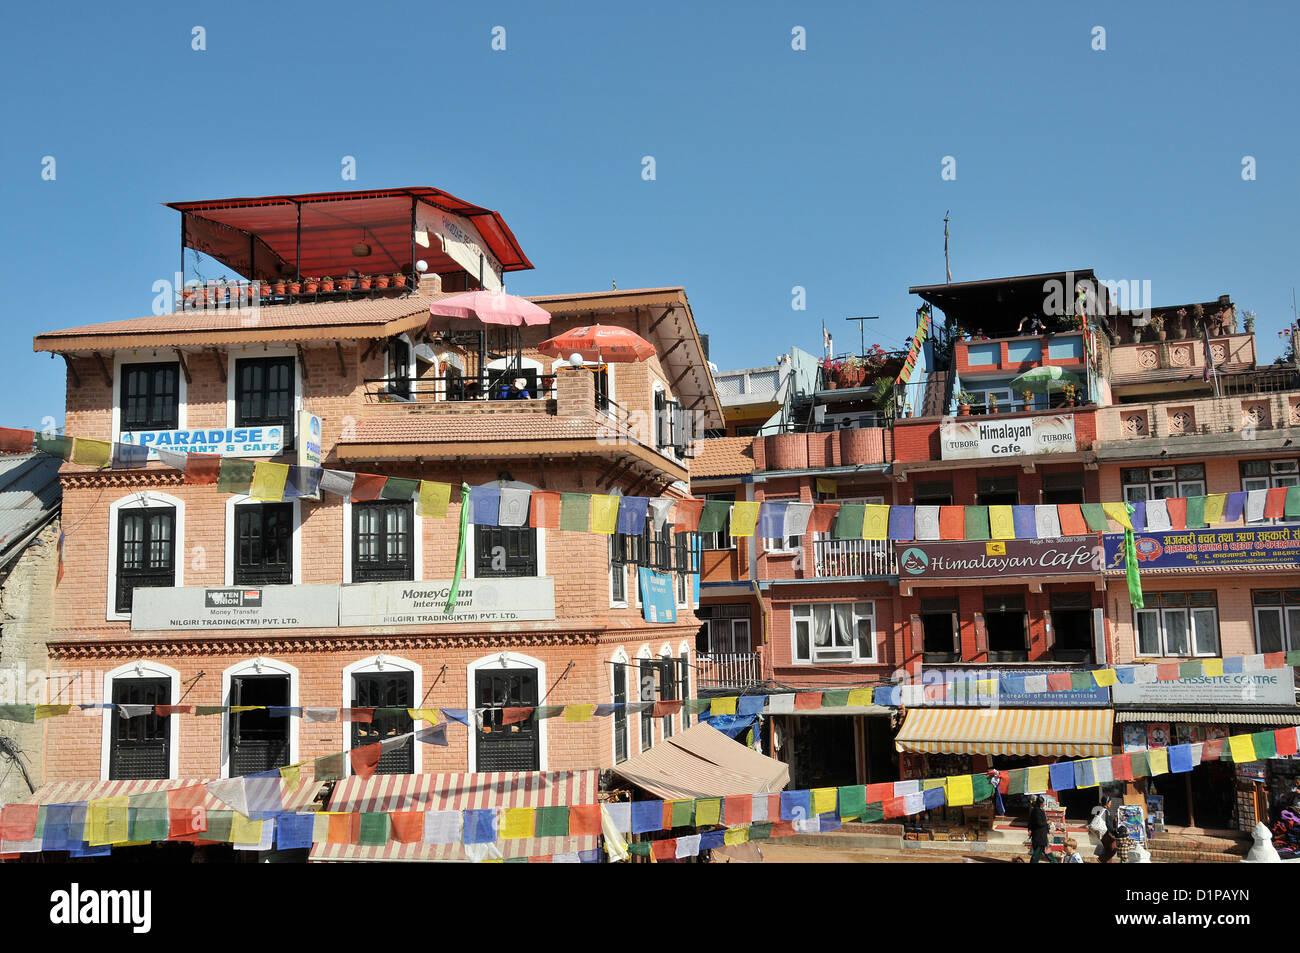 Paradise restaurant and Himalaya cafe Bodhnath Nepal - Stock Image